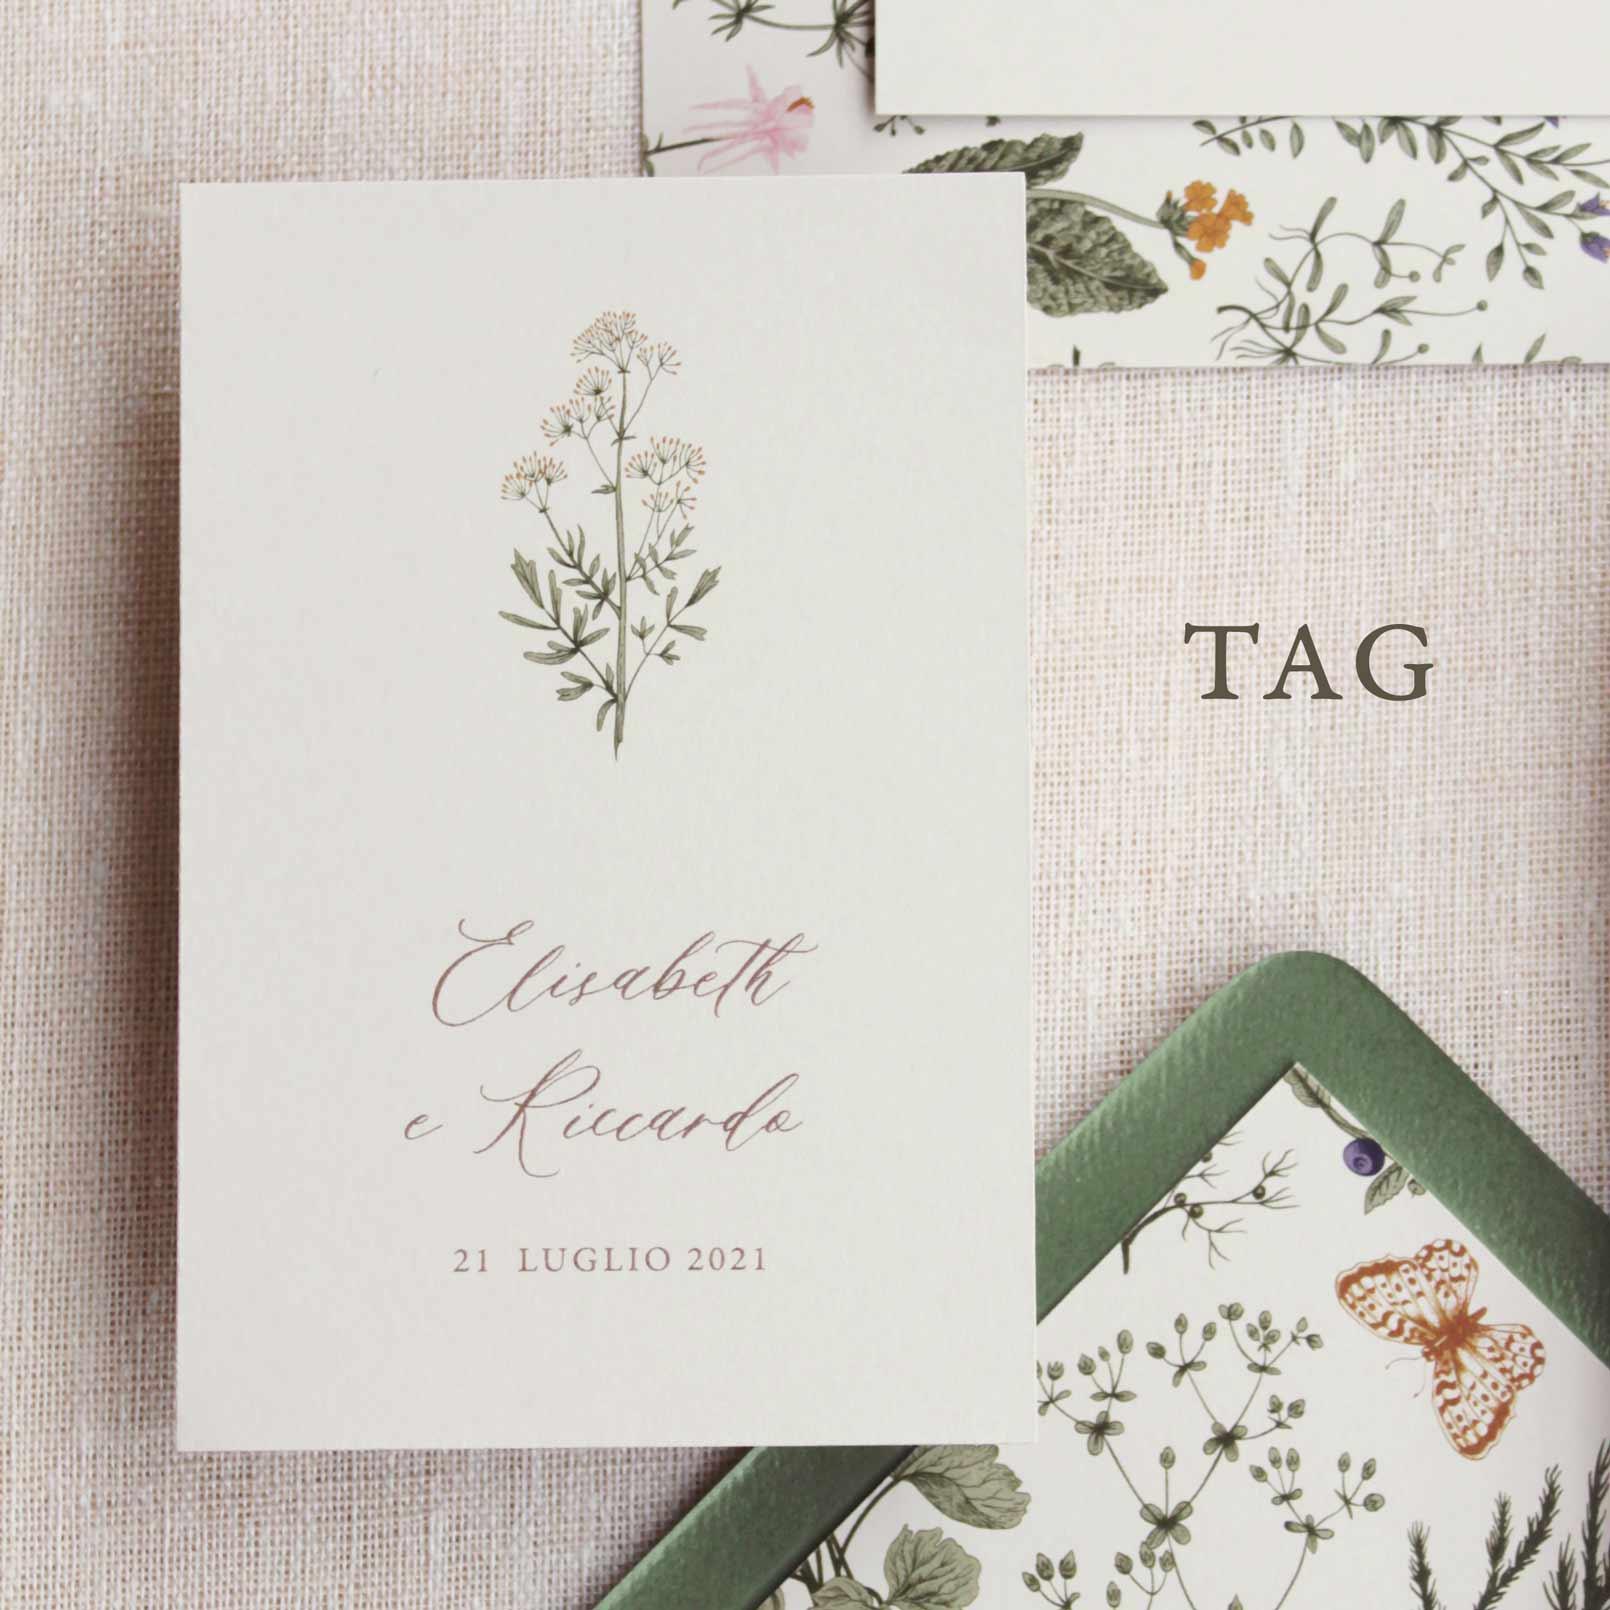 Partecipazioni-invito-nozze-matrimonio-fiori-verde-ulivo-margherite-flower-wedding-lista-nozze-tag-bomboniera